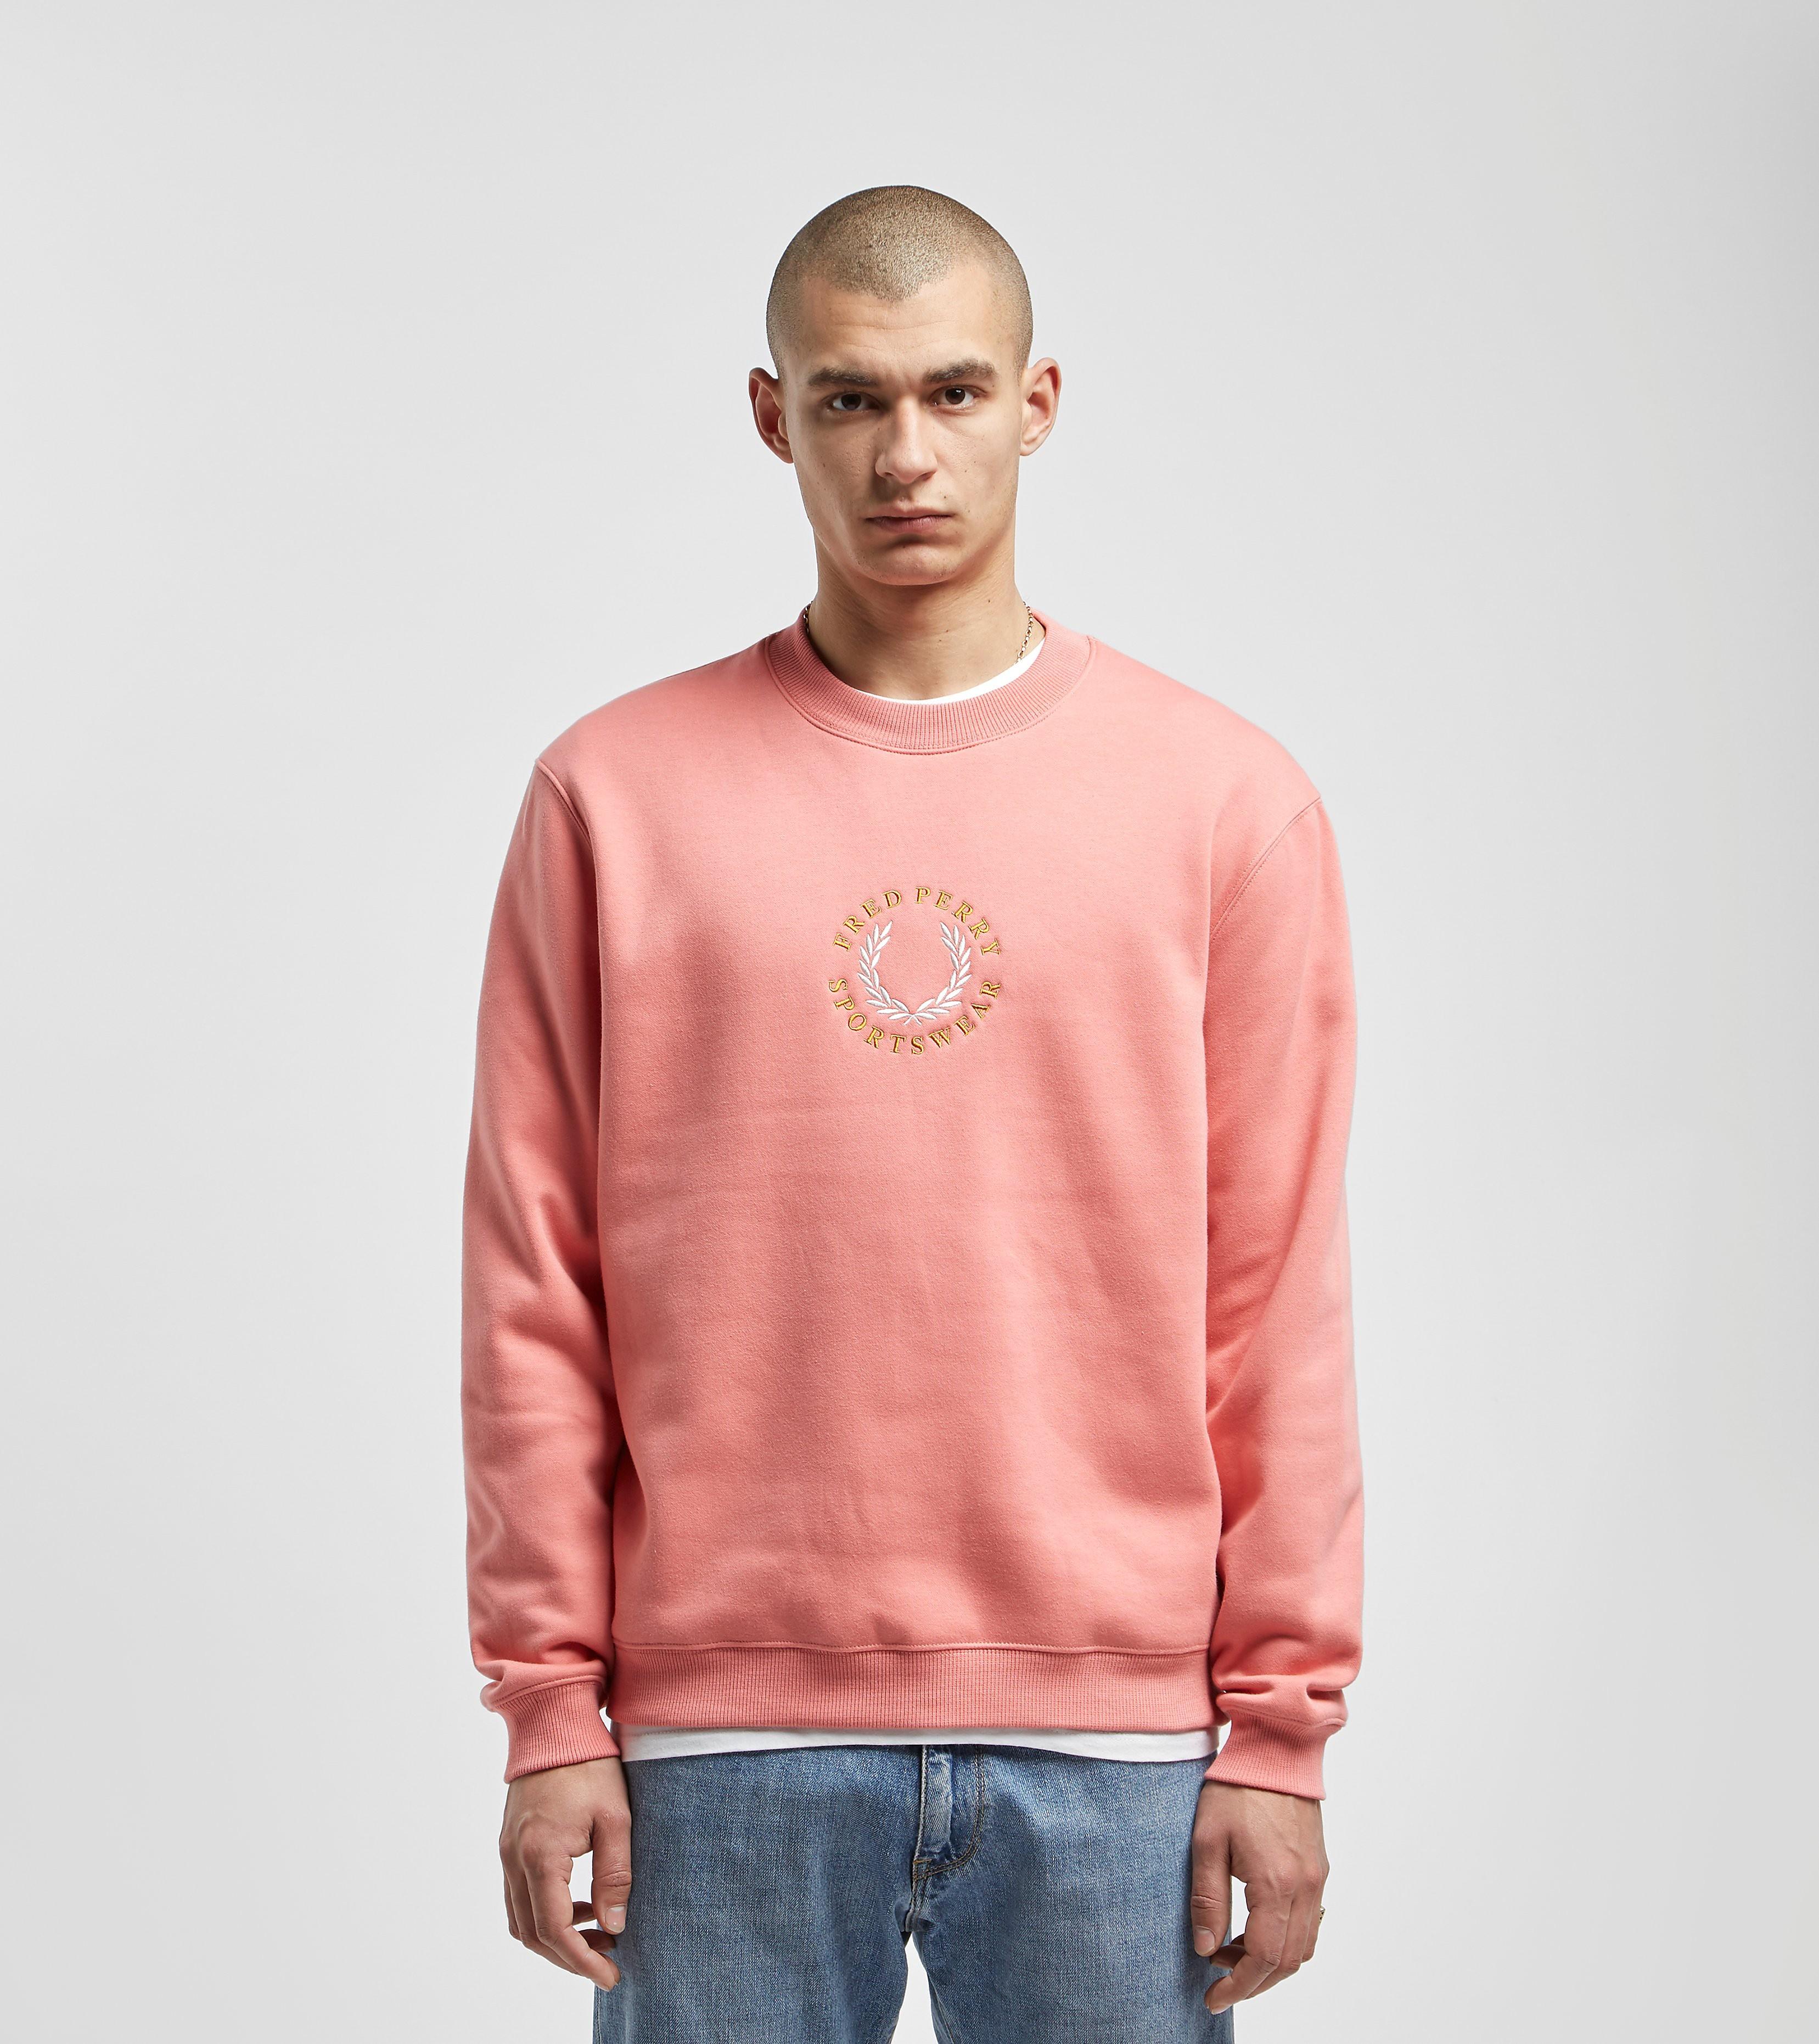 Fred Perry Global Branded Sweatshirt Pink